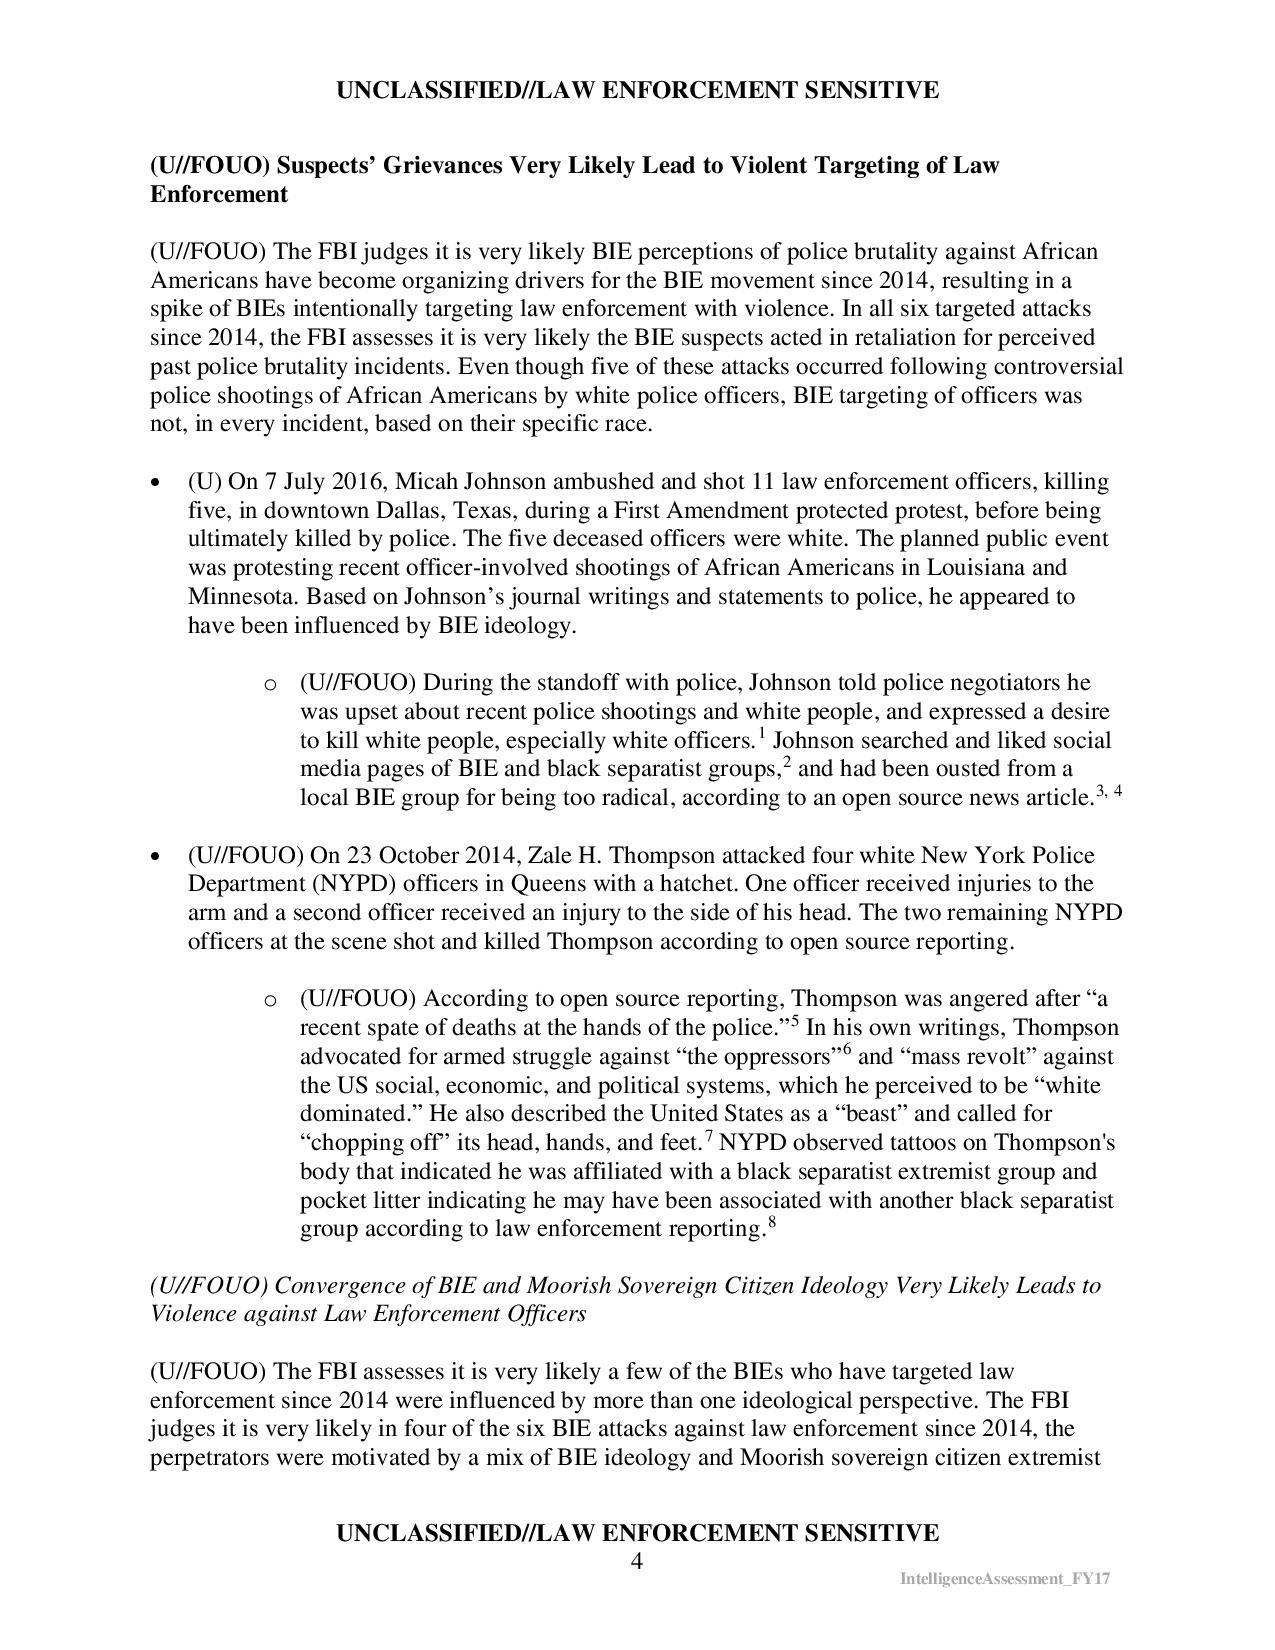 BIE-Redacted-page-004.jpg